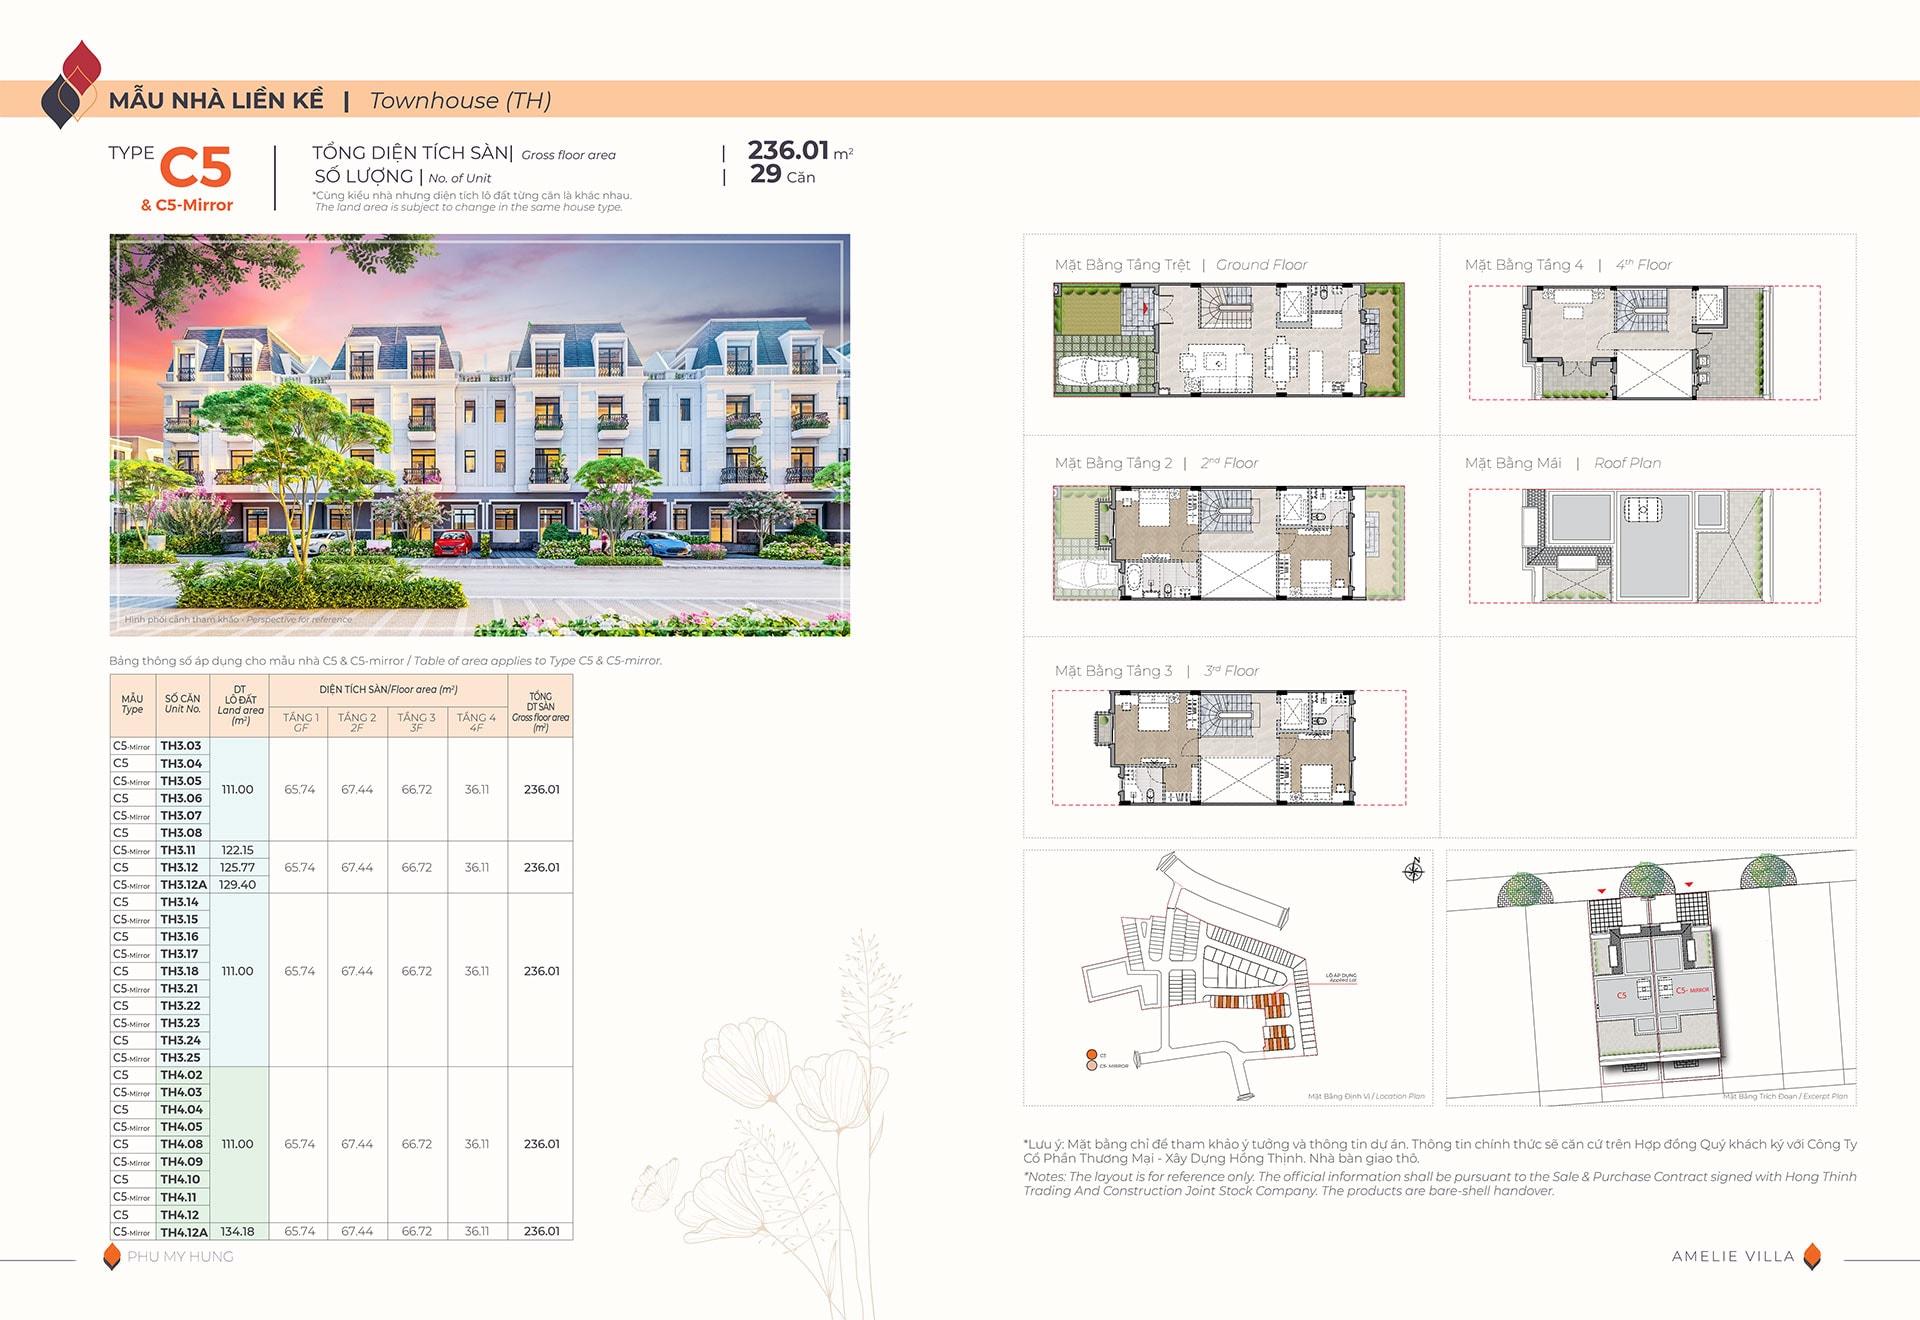 Dự án Amelie Villas Nhà Bè – Phú Mỹ Hưng